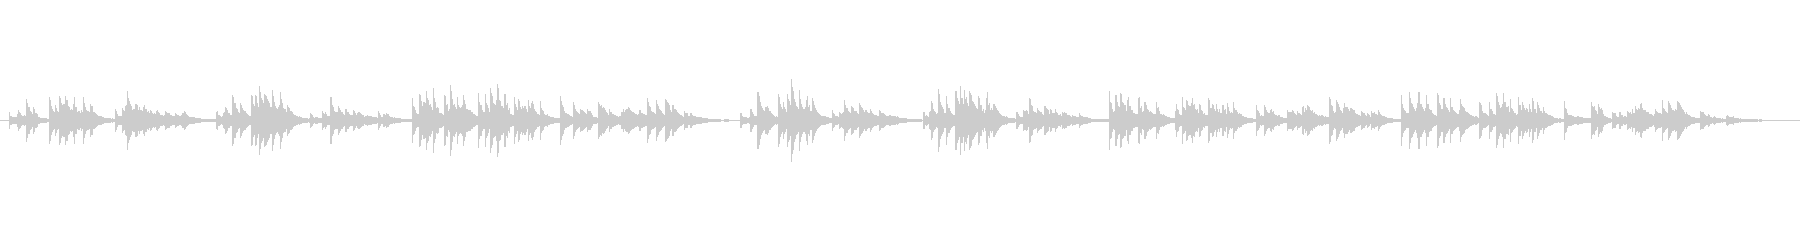 アイルランド民謡的な中世ハープの音色の未再生の波形